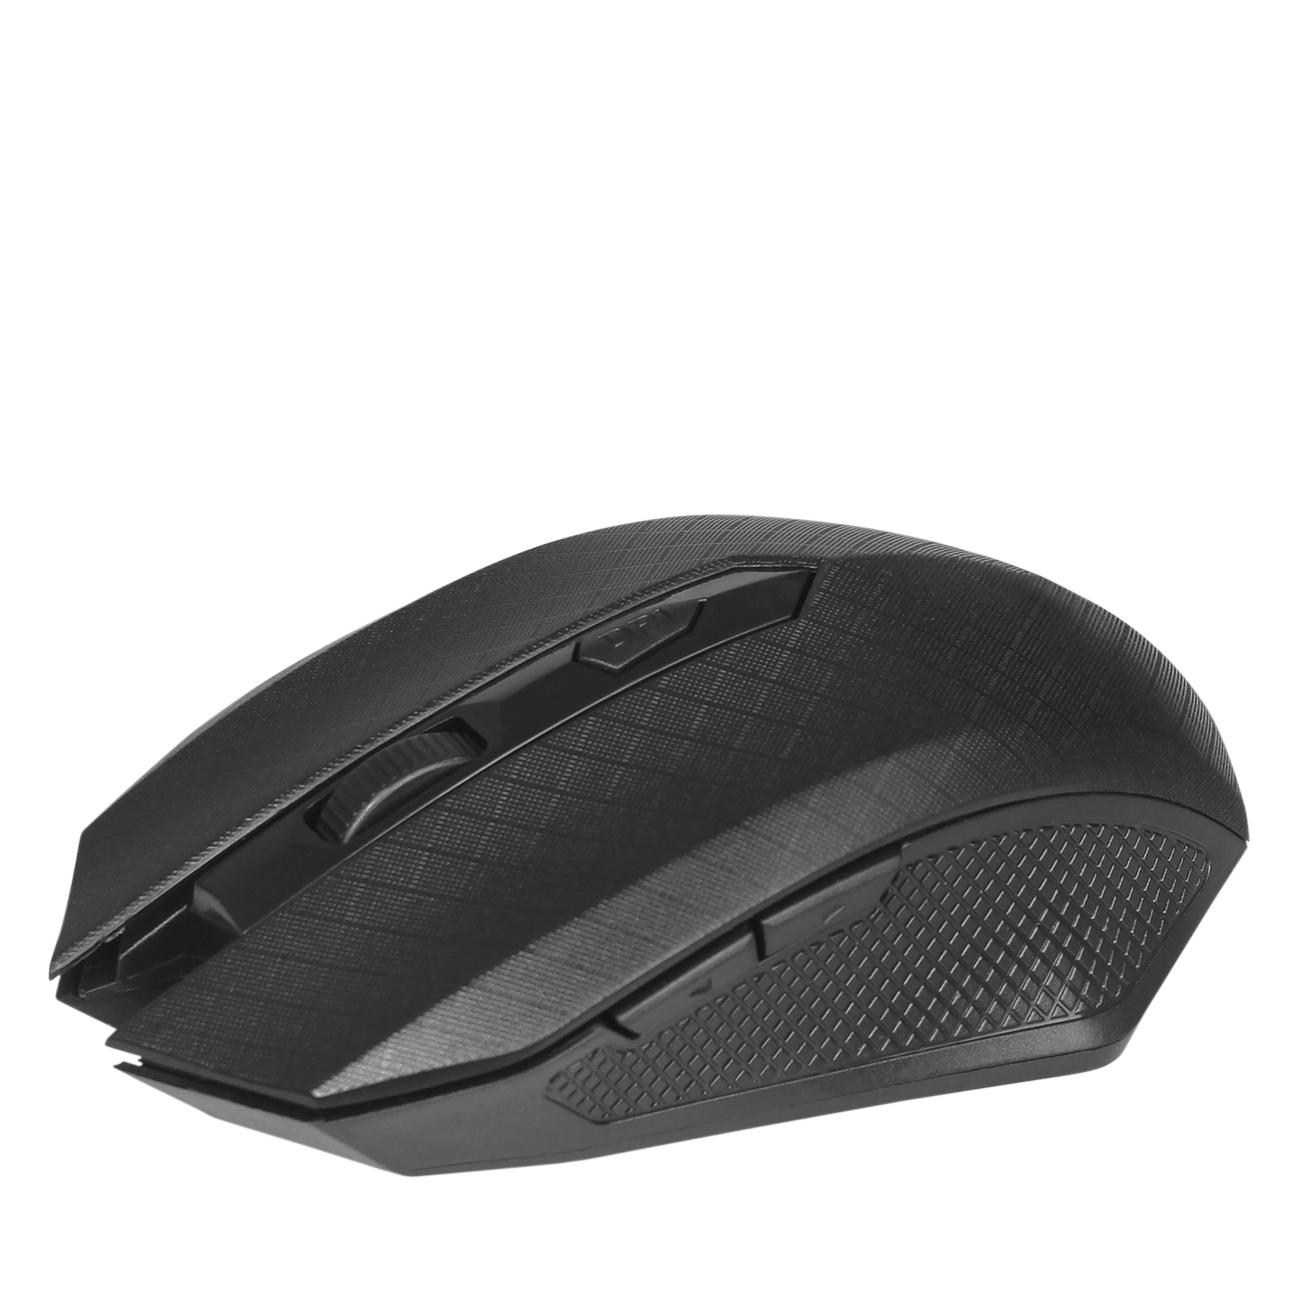 Mouse Sem Fio Ergonômico Até 1200Dpi Nano Receptor 053 Bright  - BRIGHT